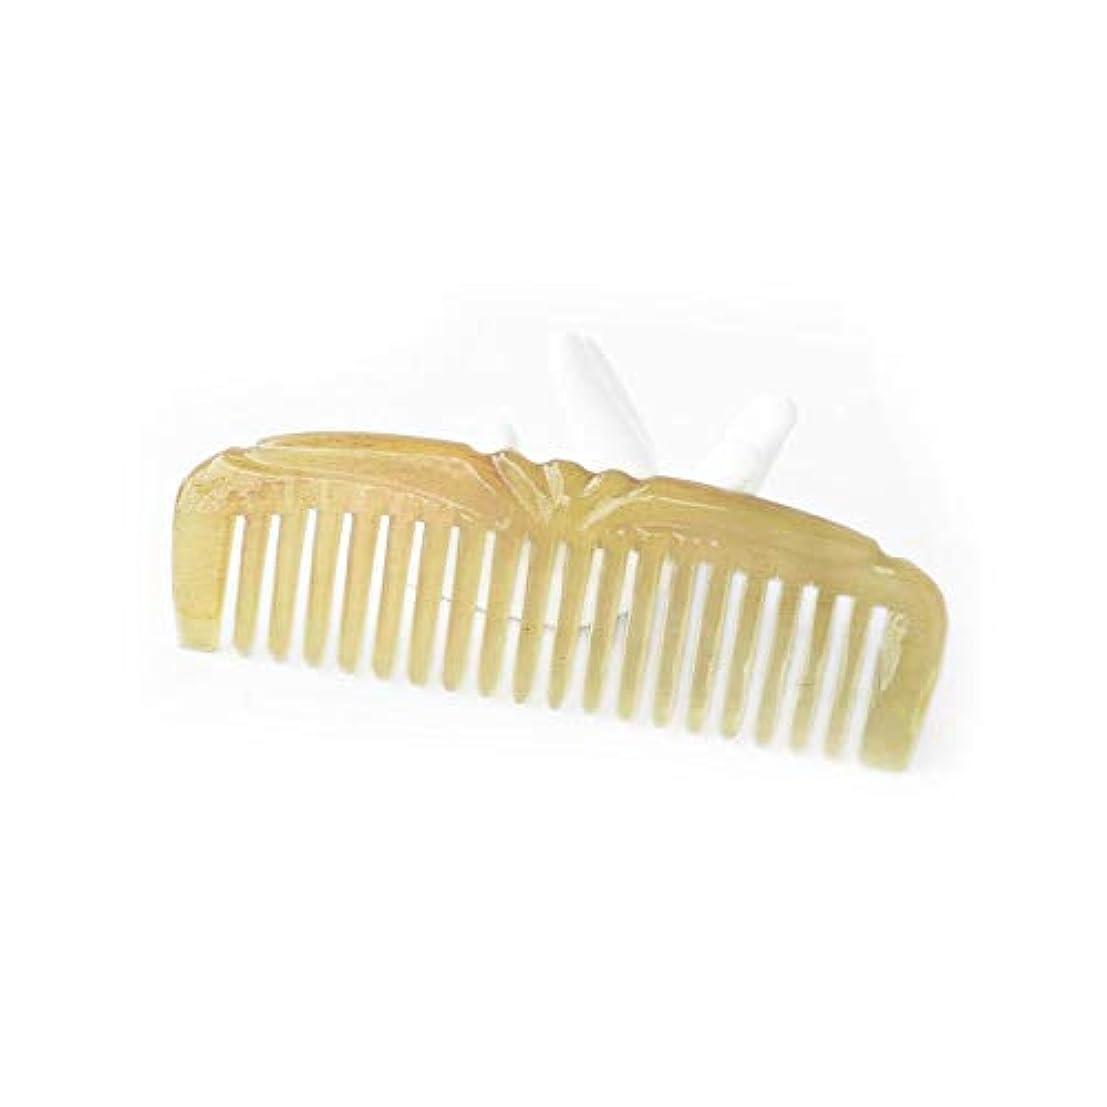 権限を与える公タヒチFashian手づくりナチュラルバッファローホーン櫛ムーンシェイプヘアブラシ(ワイド歯、歯ファイン) ヘアケア (色 : Fine tooth)